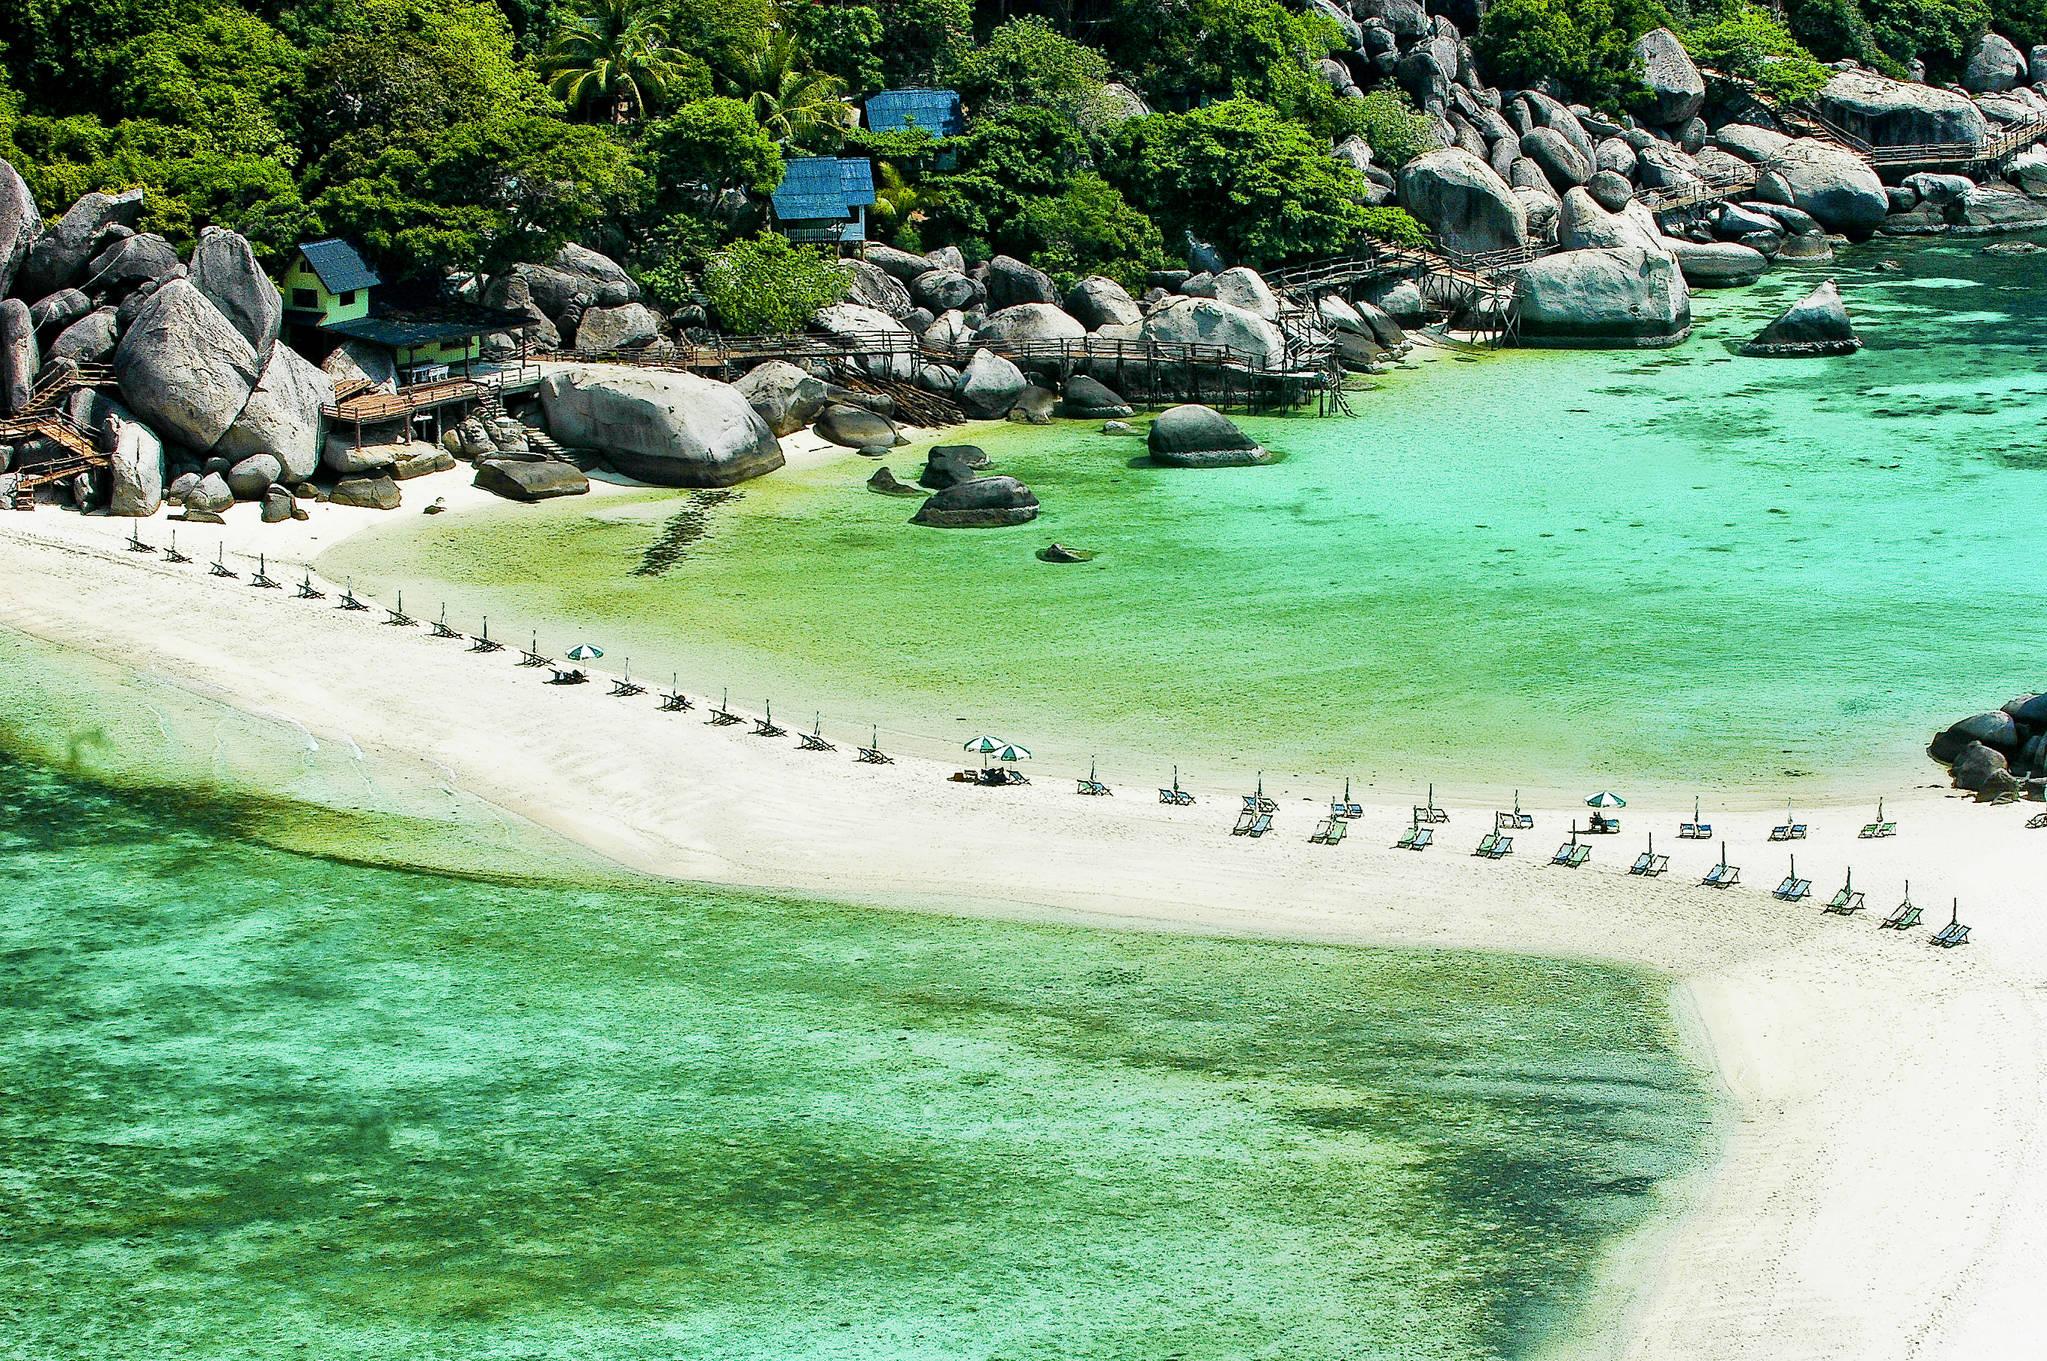 코타오 북서쪽에 있는 작은 섬 '코 낭유안'. 섬 3개가 모래톱으로 연결돼 있다. 코타오 여행객들이 꼭 들르는 곳이다. [사진 태국관광청]